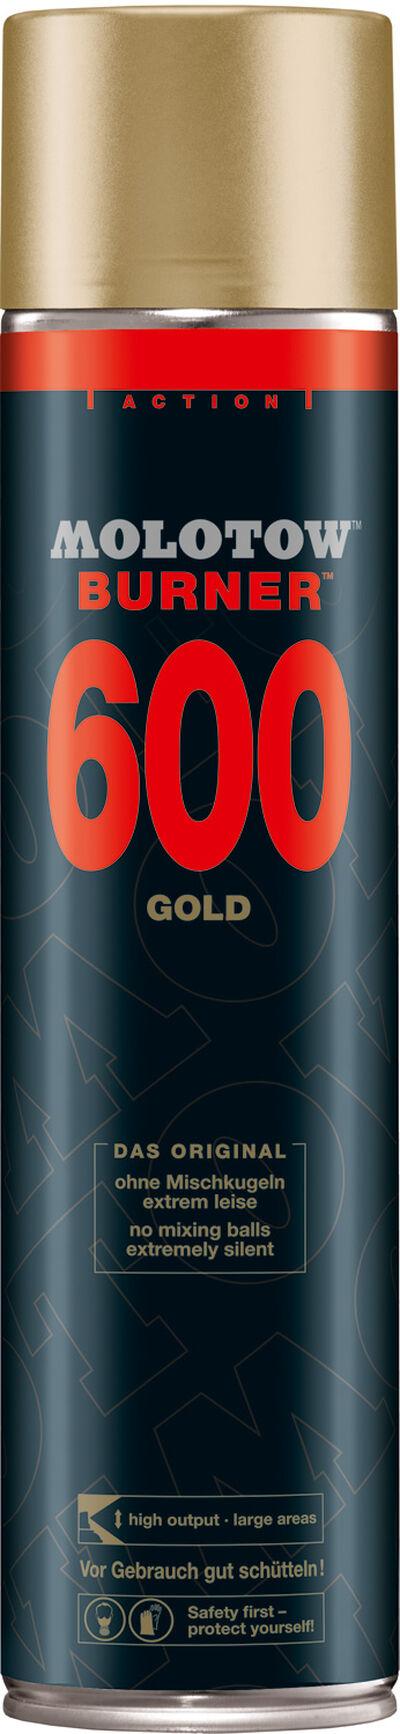 Burner Gold 600